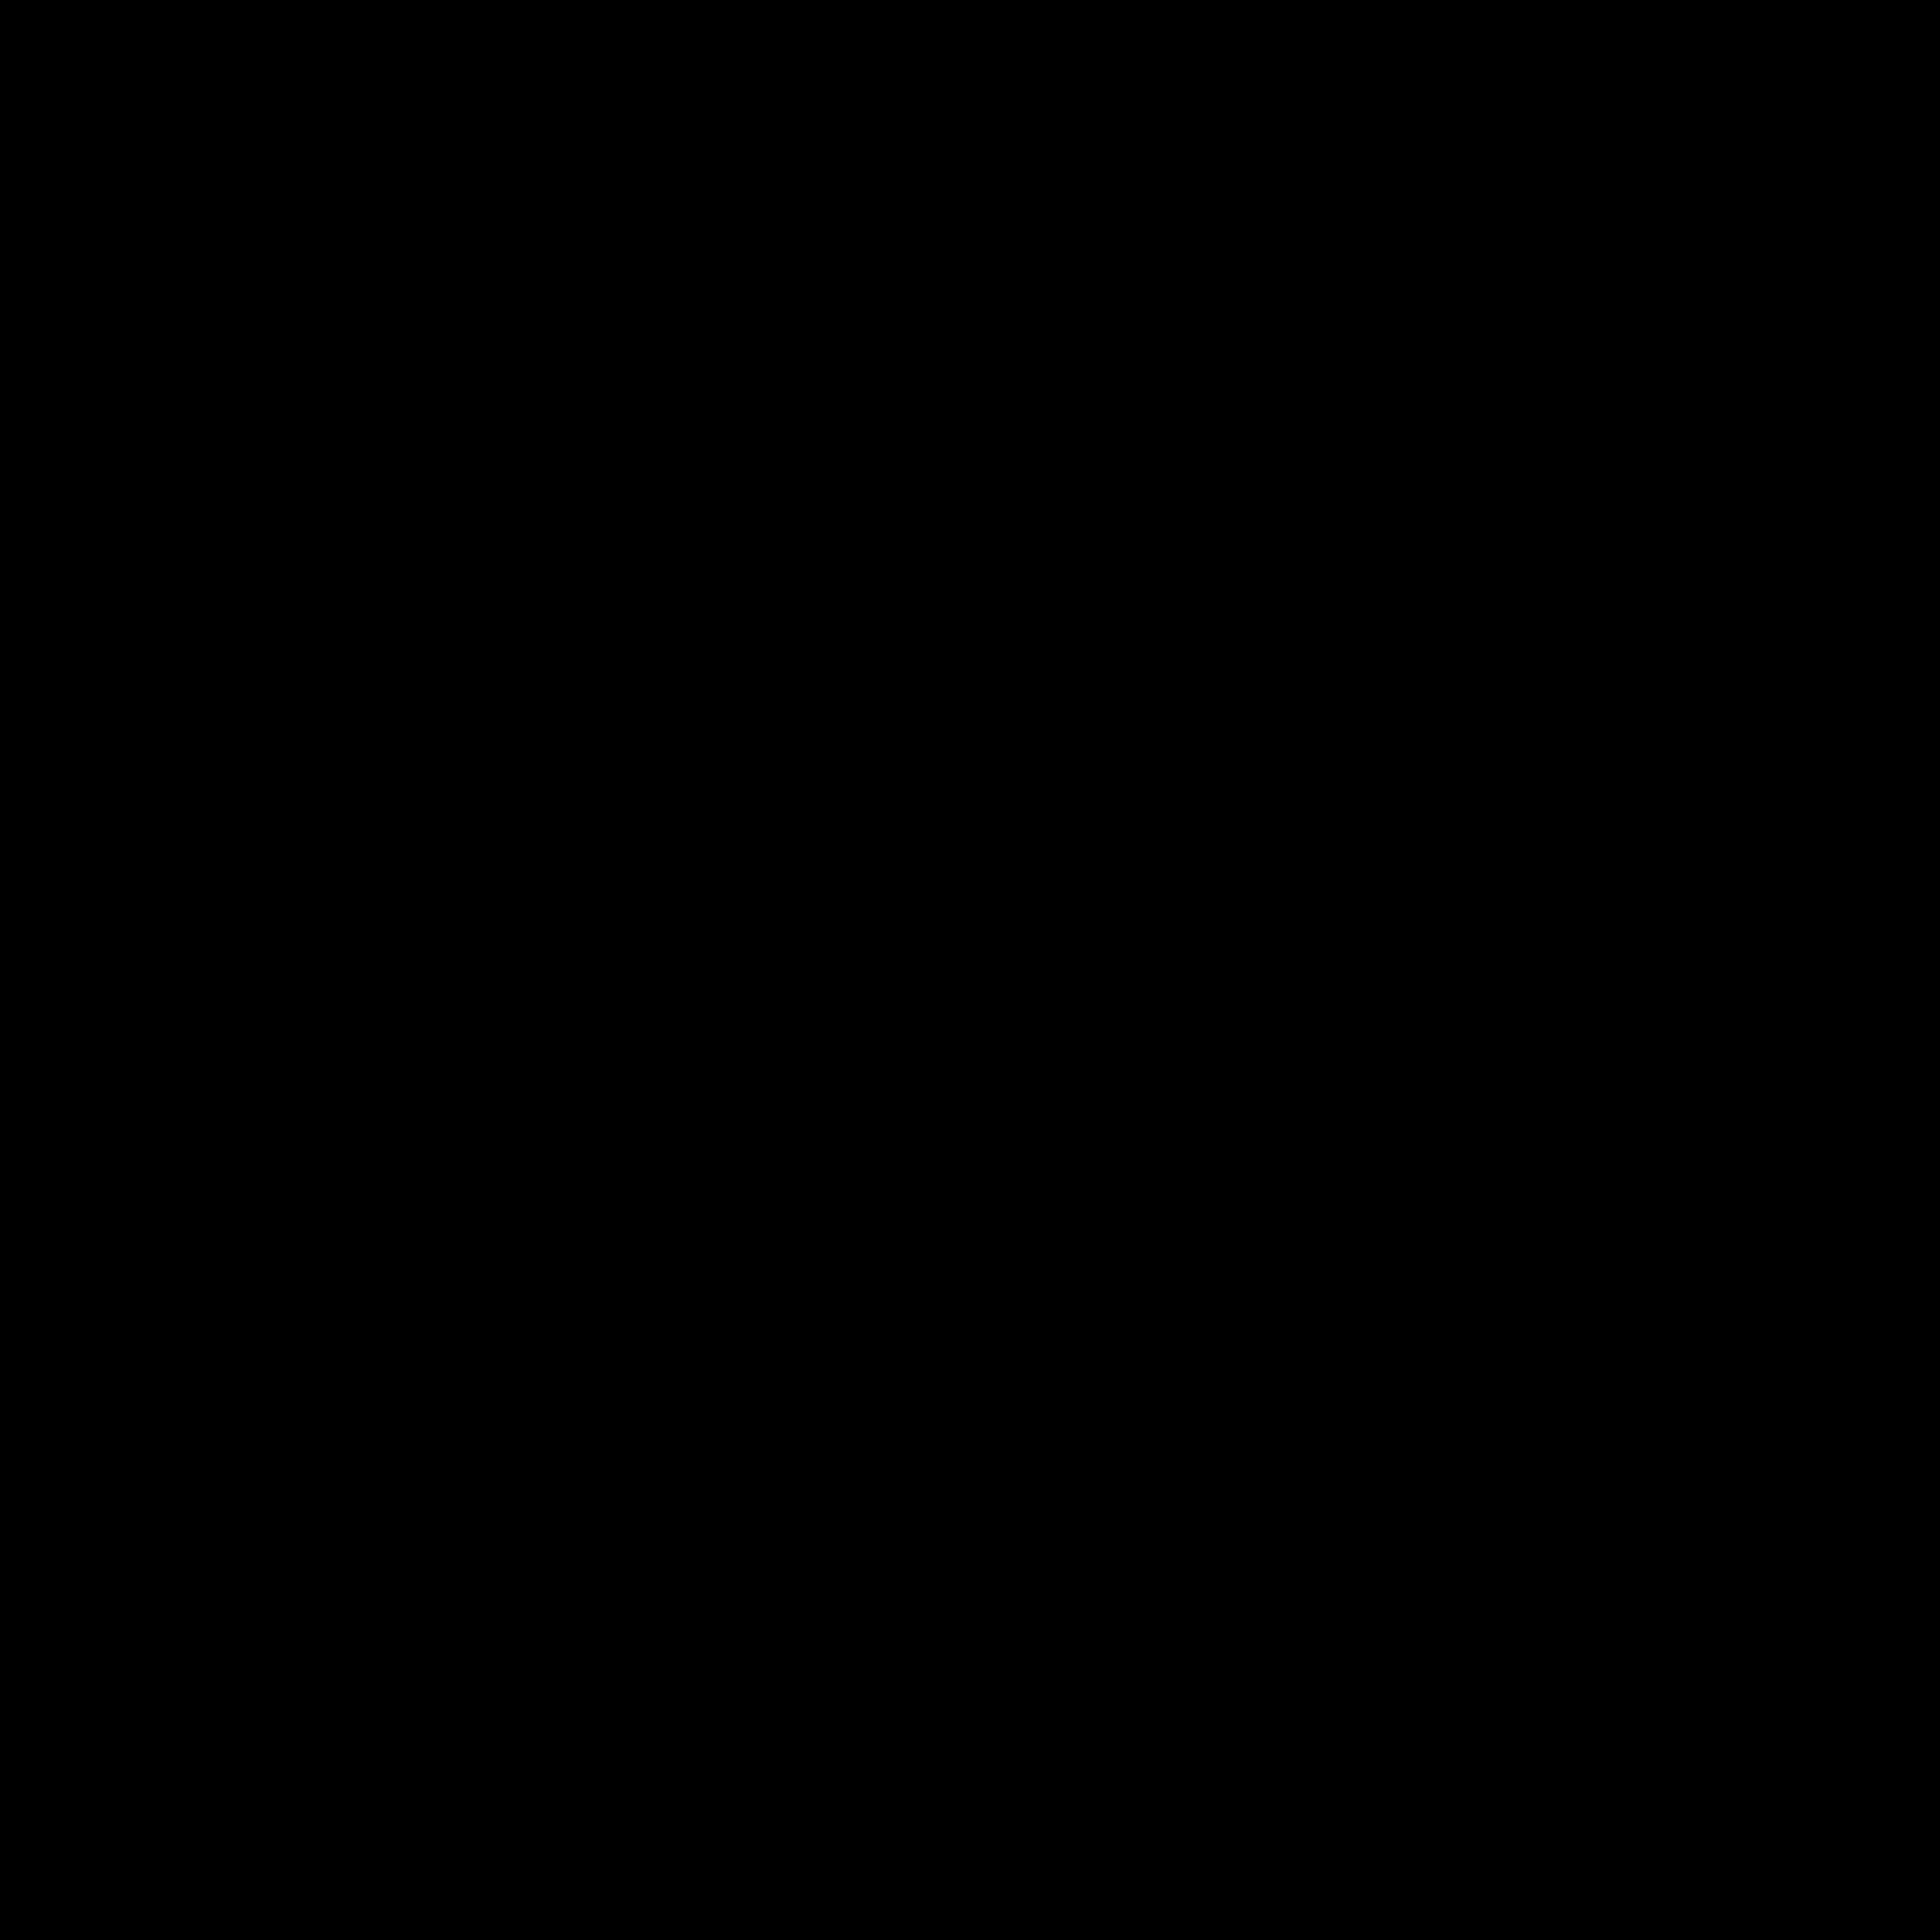 张家口人才公司+石墨文档